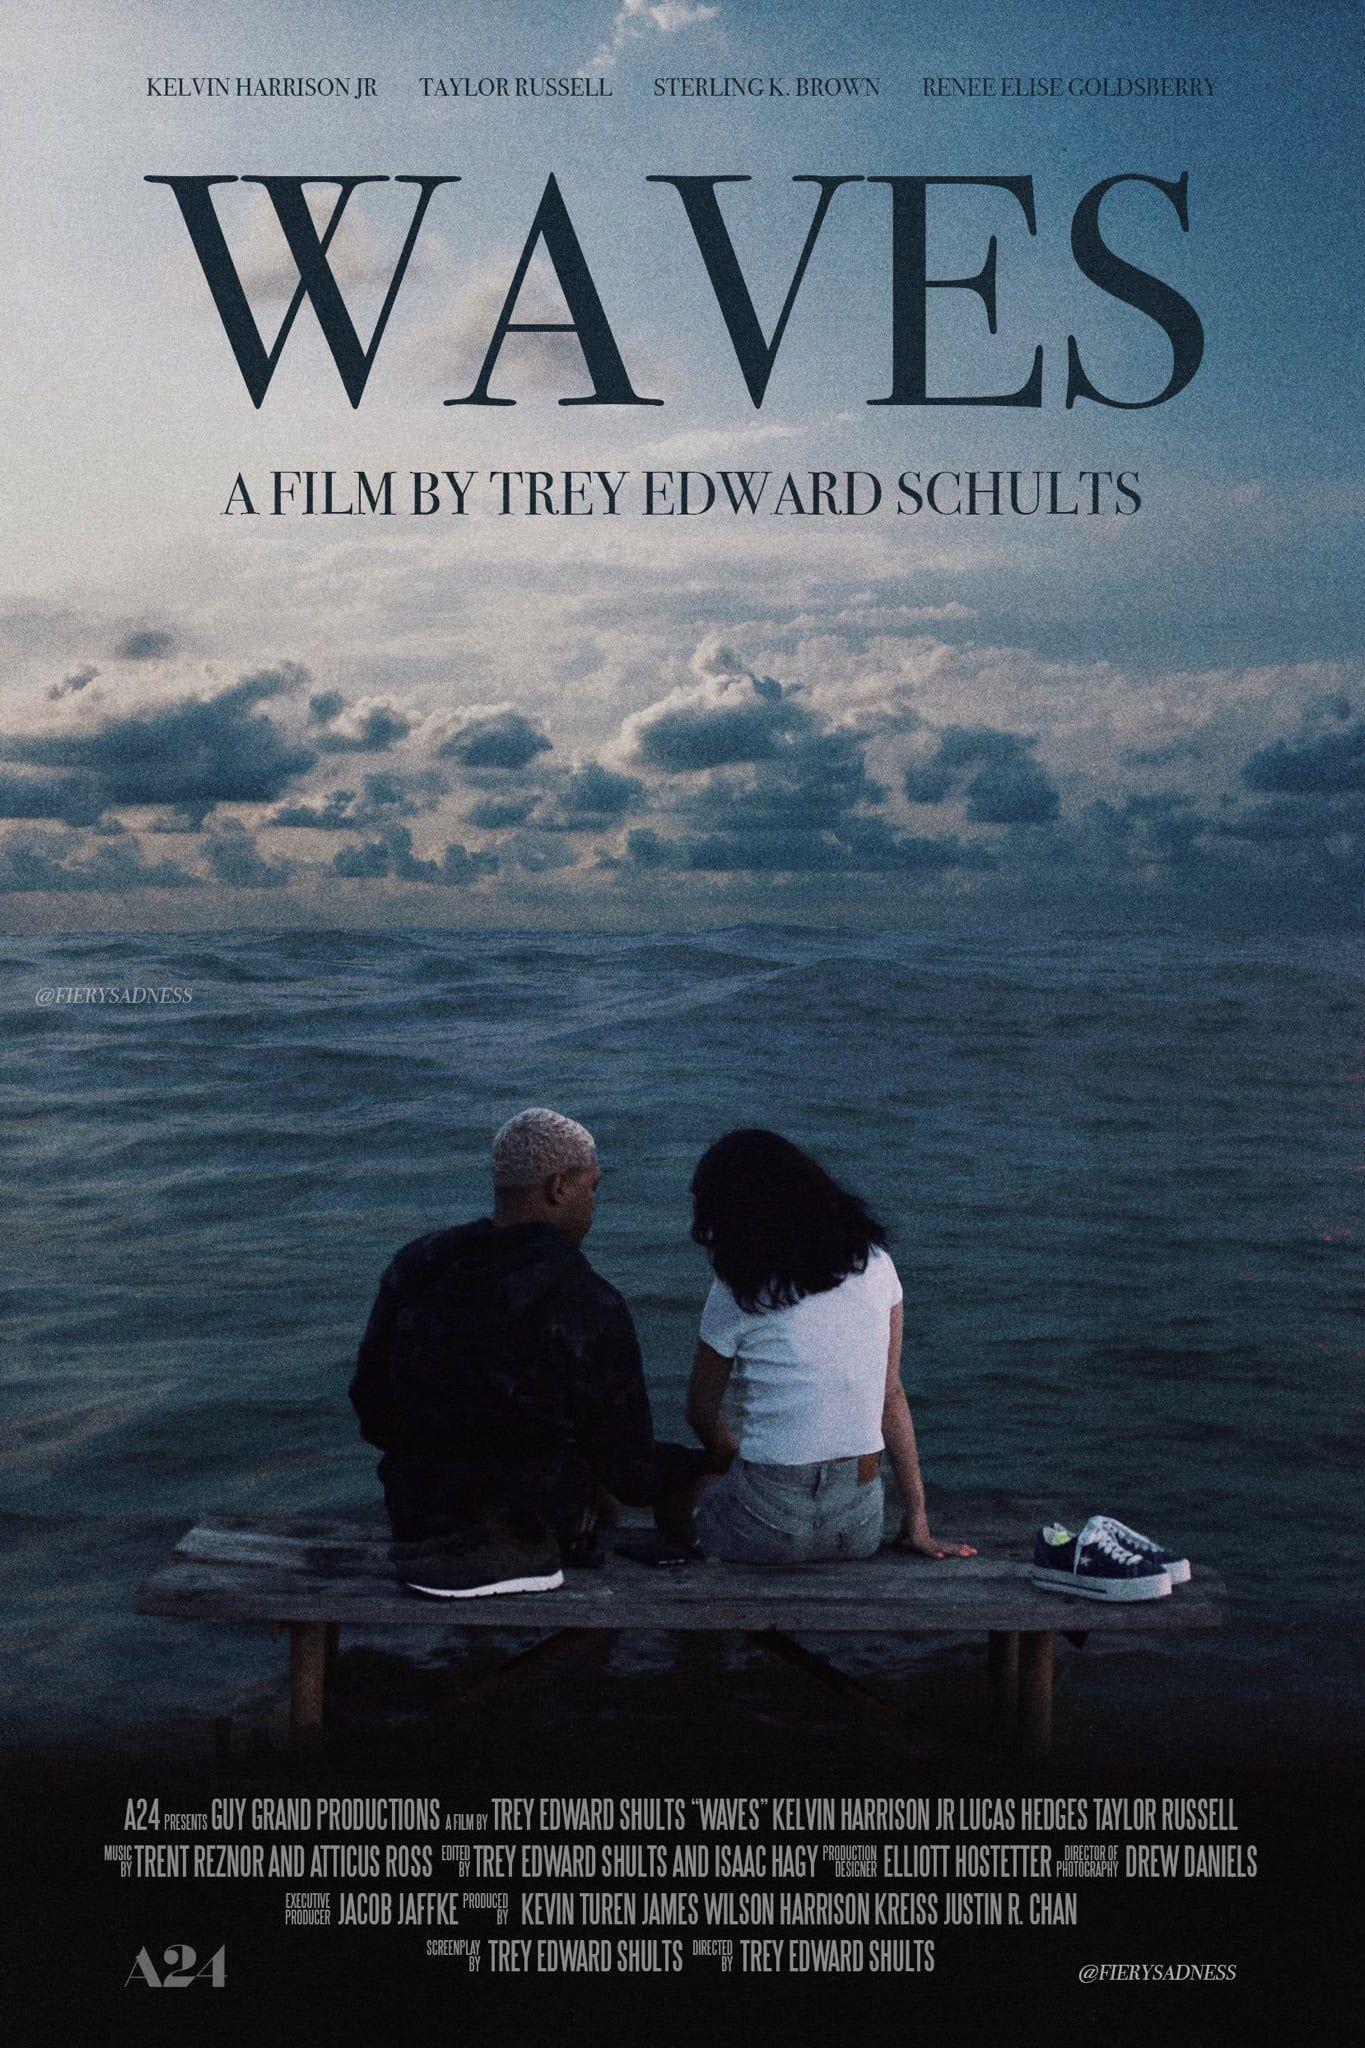 Download Waves full movie Hd1080p Sub English Wav